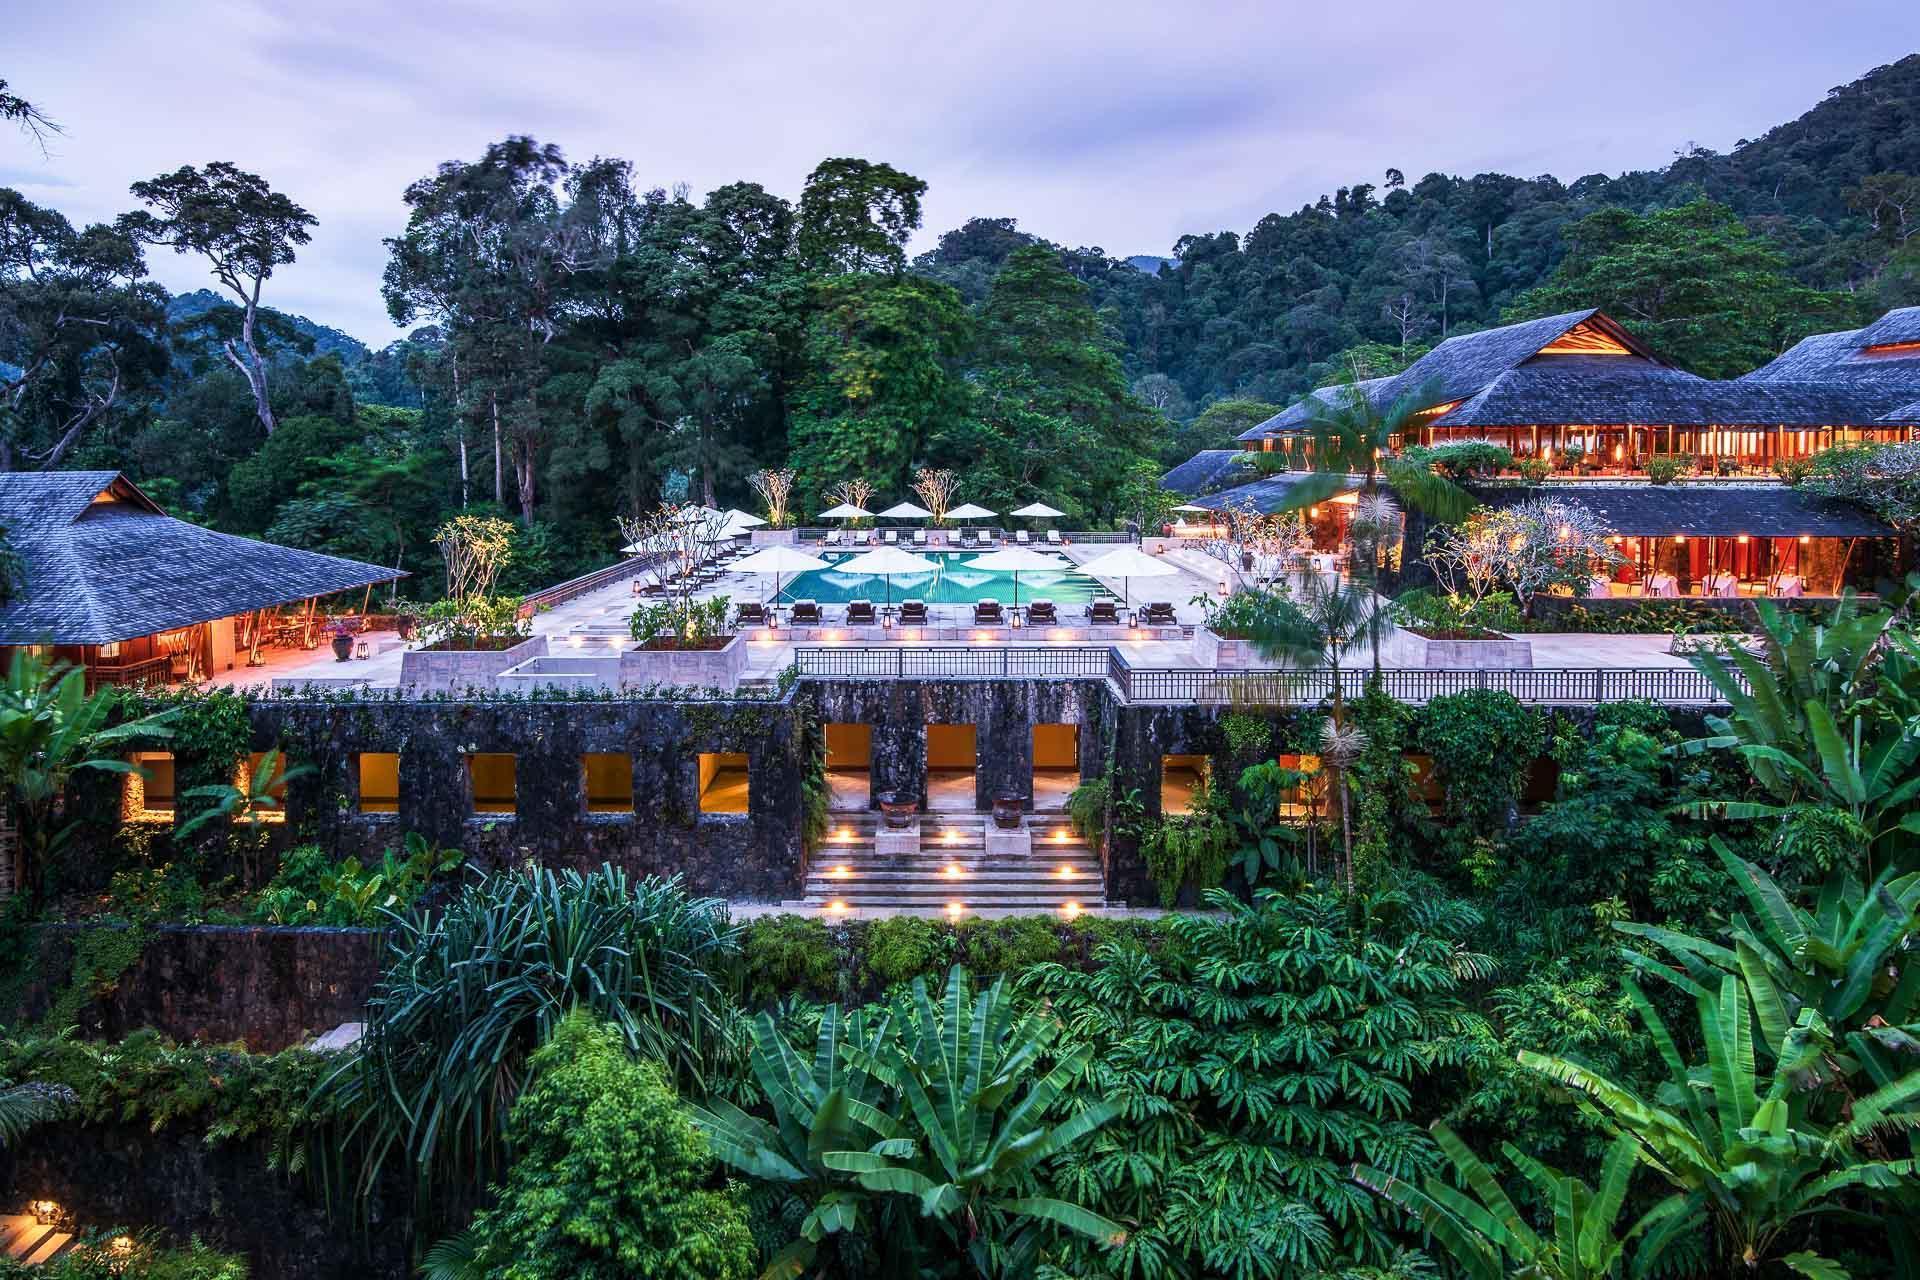 Vue du cœur du resort, en pleine jungle © DR